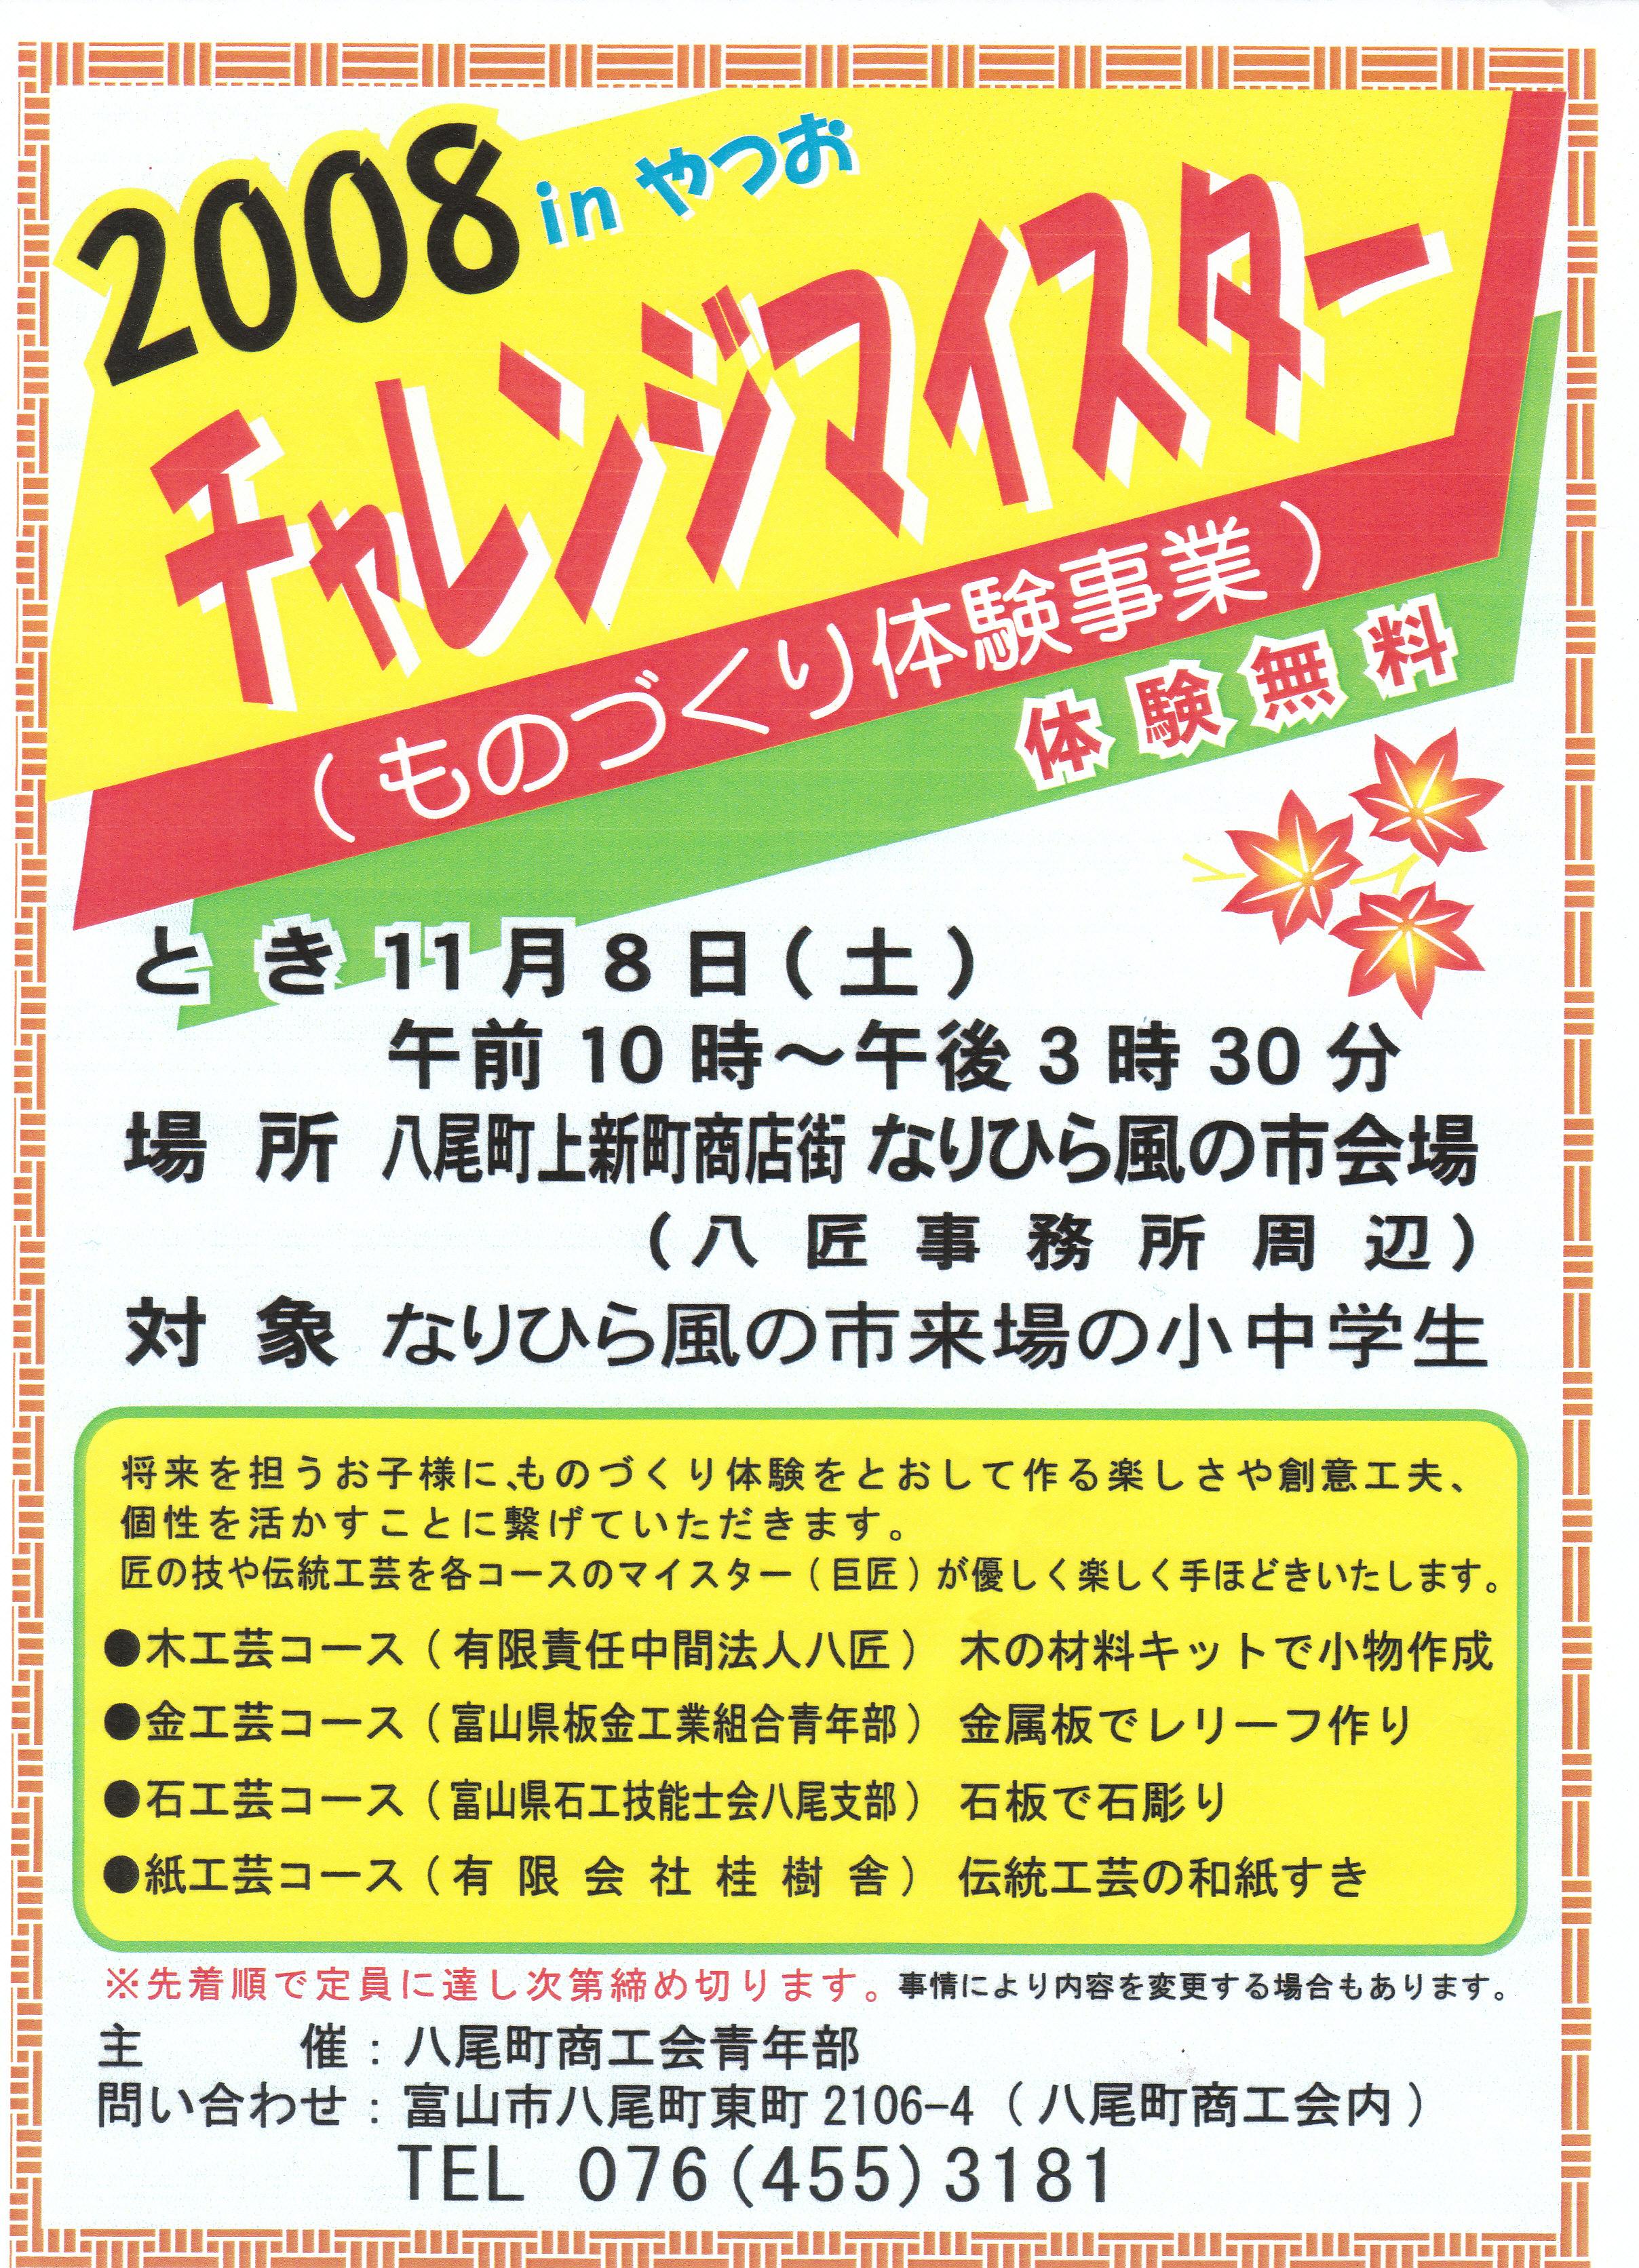 TOYAMA-IMPULSE WEBLOG  チャレンジマイスター事業 八尾町商工会青年部 0a597e187457